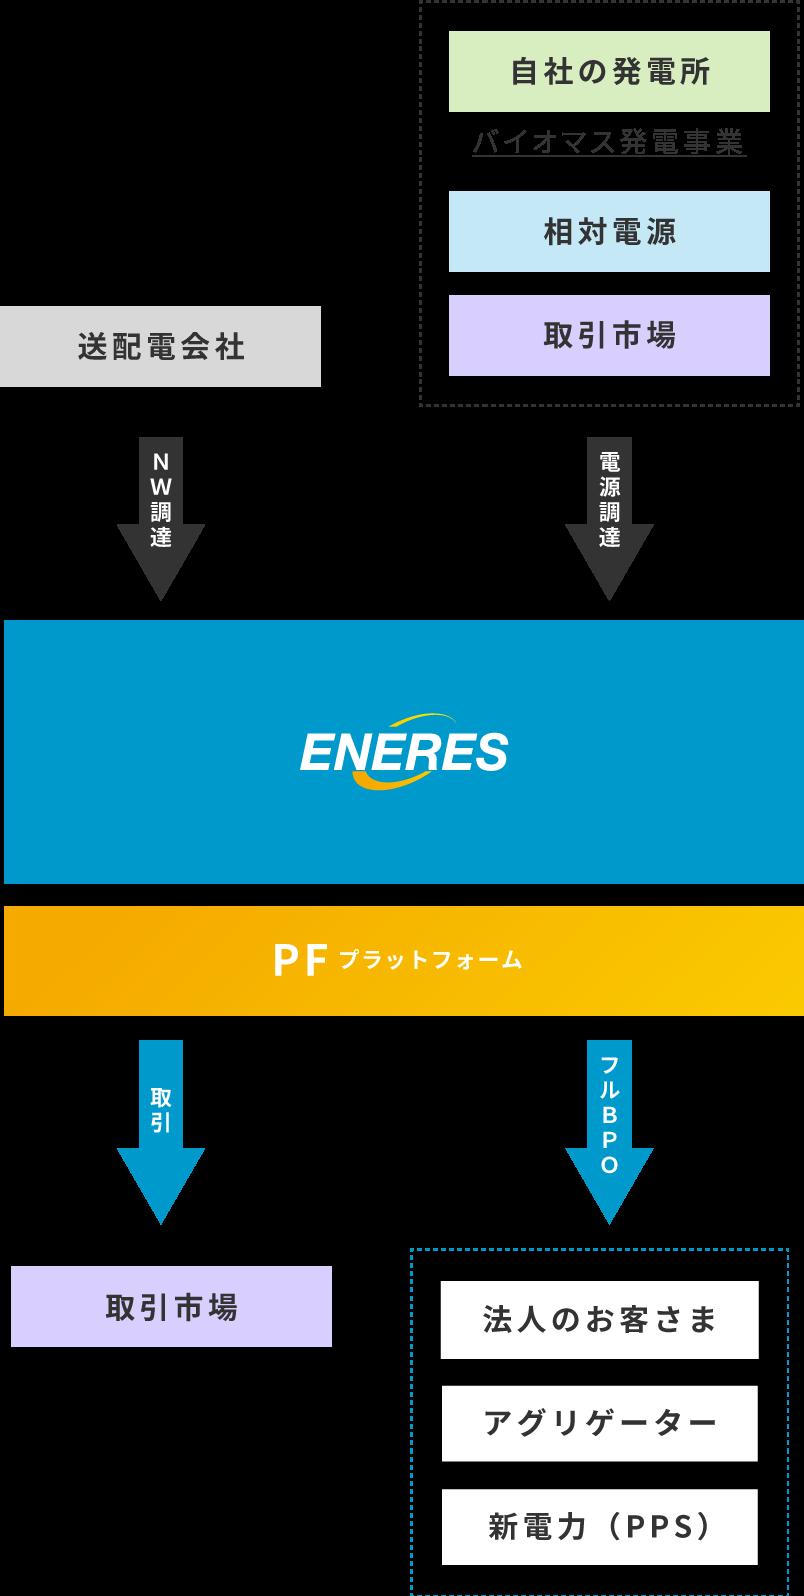 ENERES PLATFORM BUSINESS MODEL